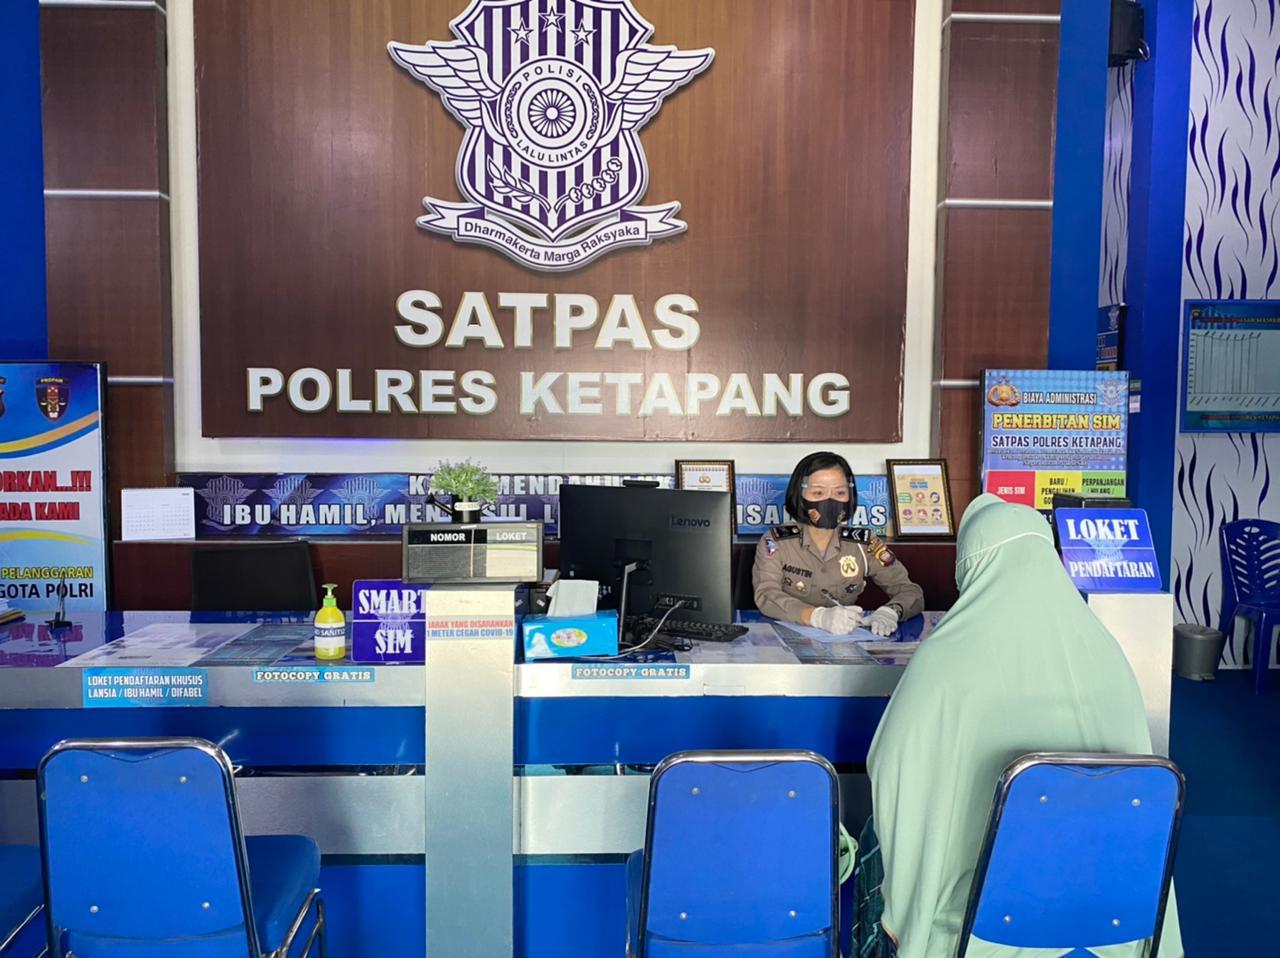 PETUGAS PELAYANAN SATPAS SIM BERIKAN INFORMASI TERKAIT PEMBUATAN SIM BARU MAUPUN PERPANJANGAN SIM